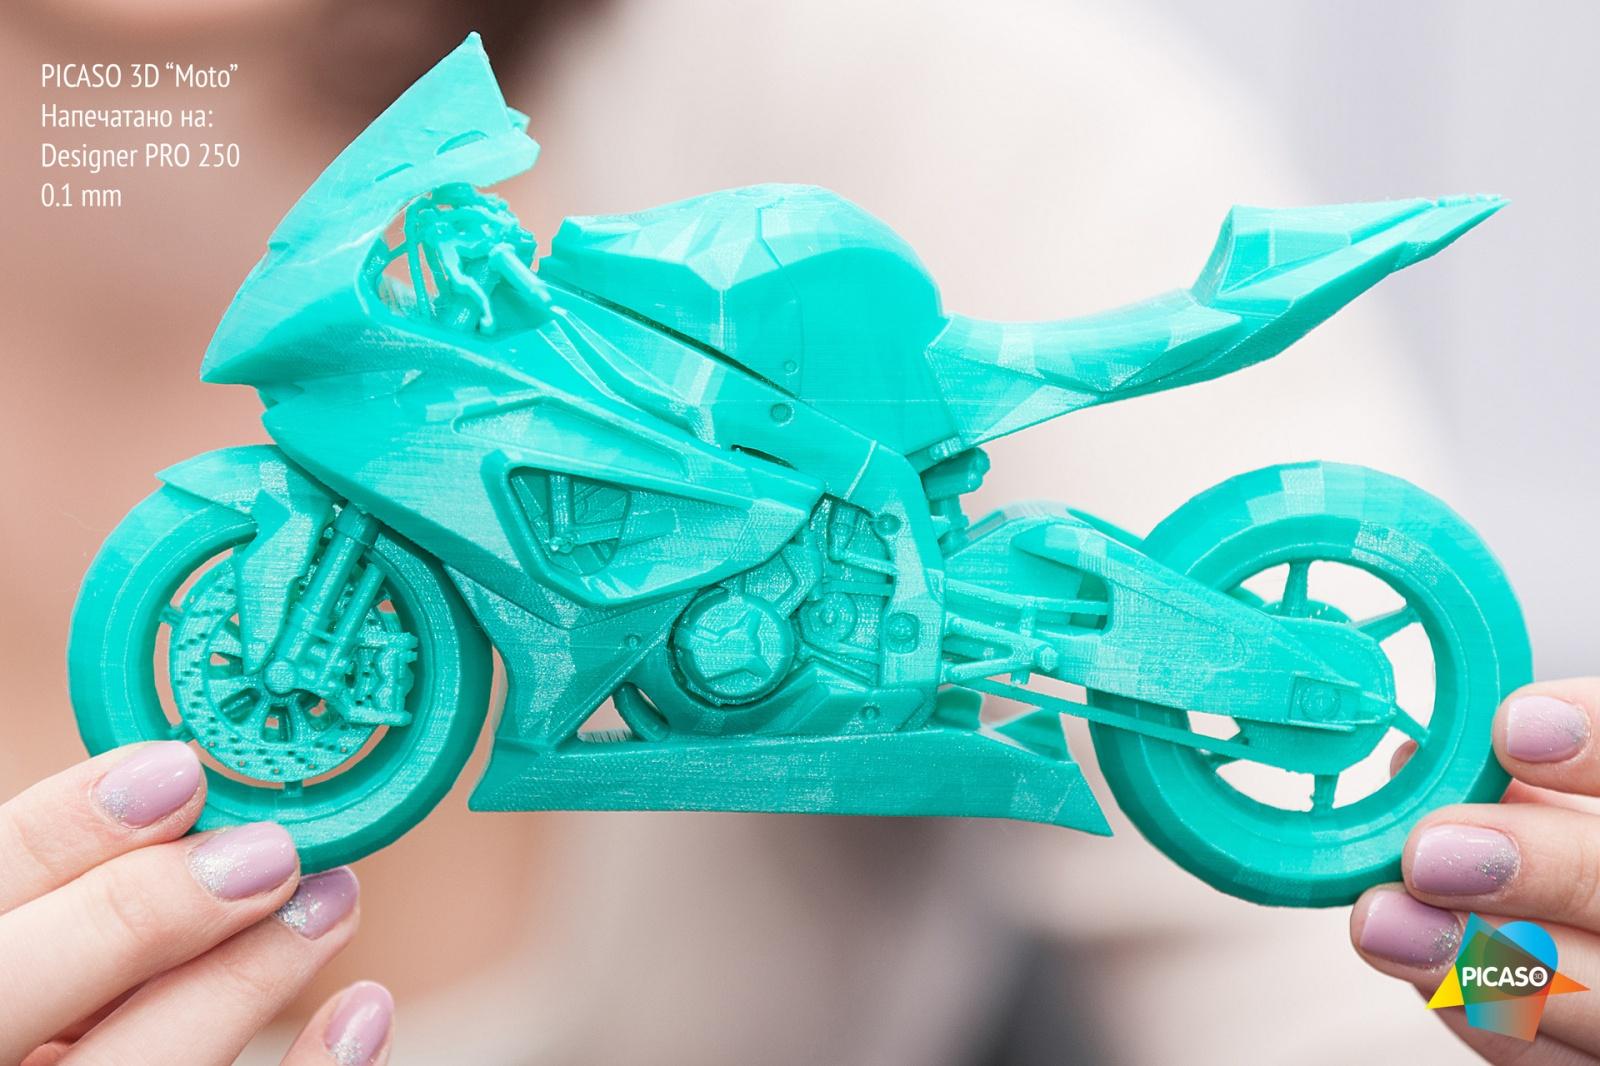 Смогут ли зарубежные 3D-принтеры конкурировать в кризис с российскими? - 6